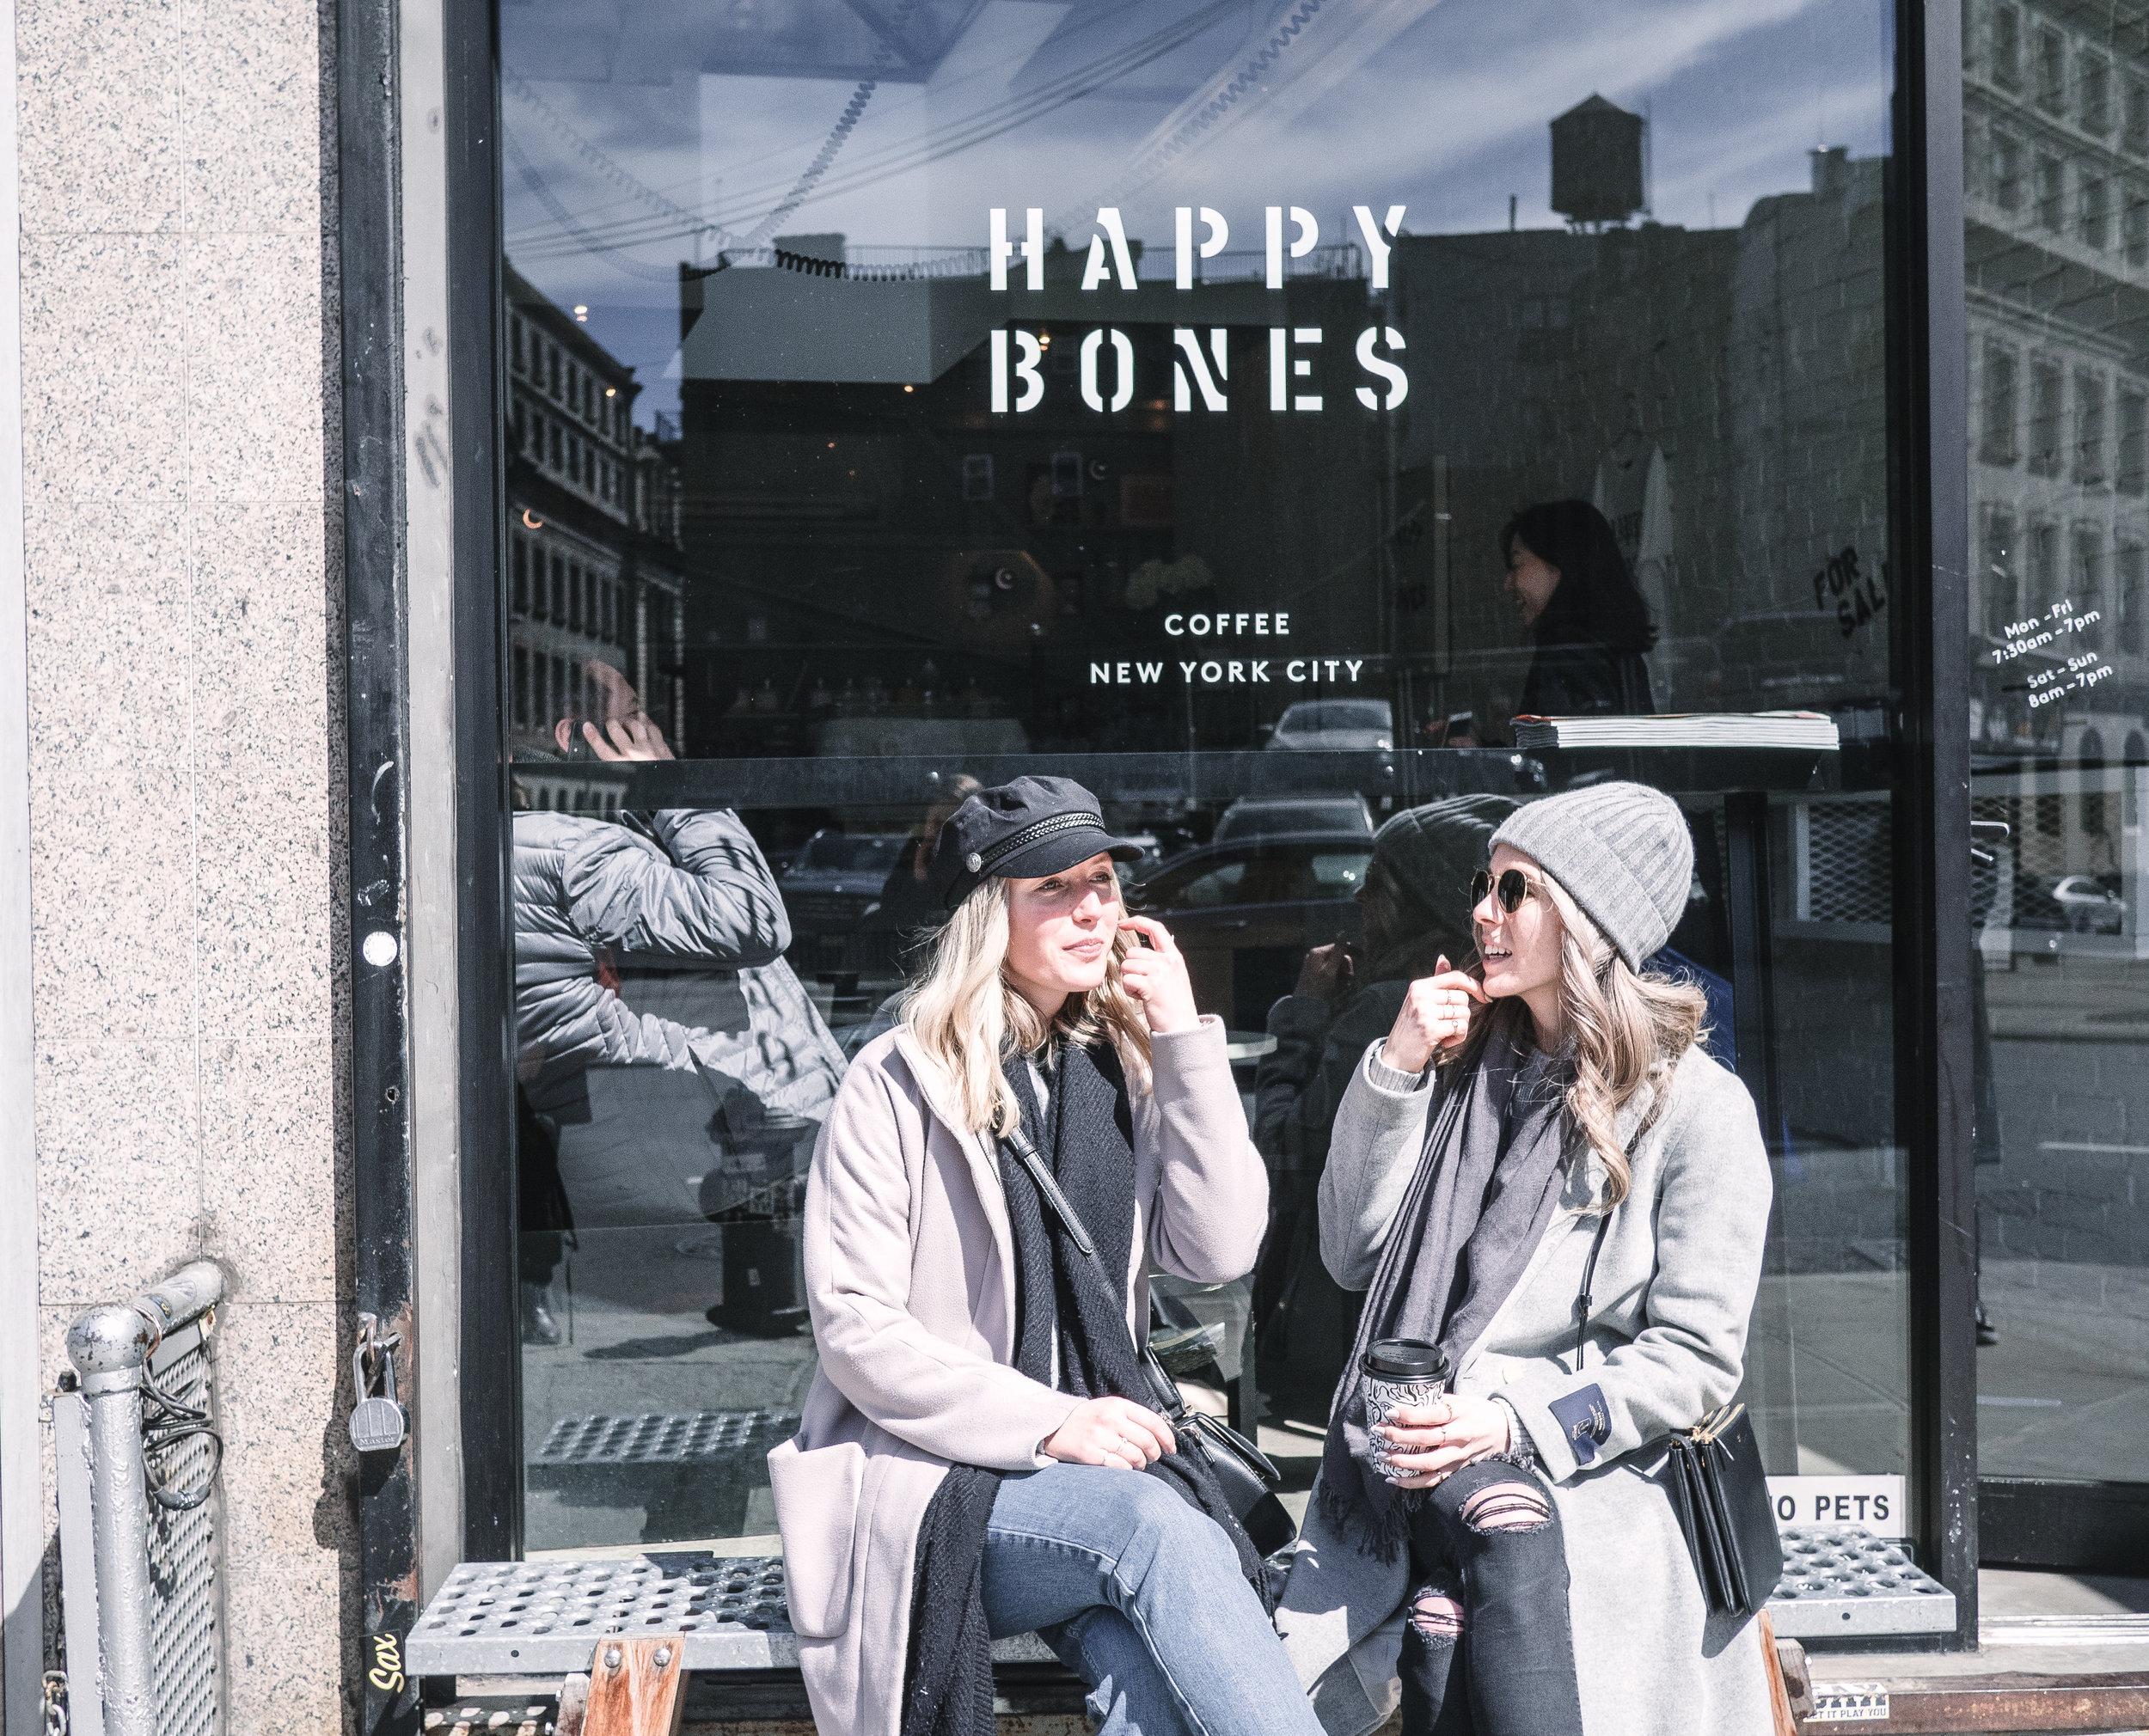 Happy Bones NYC